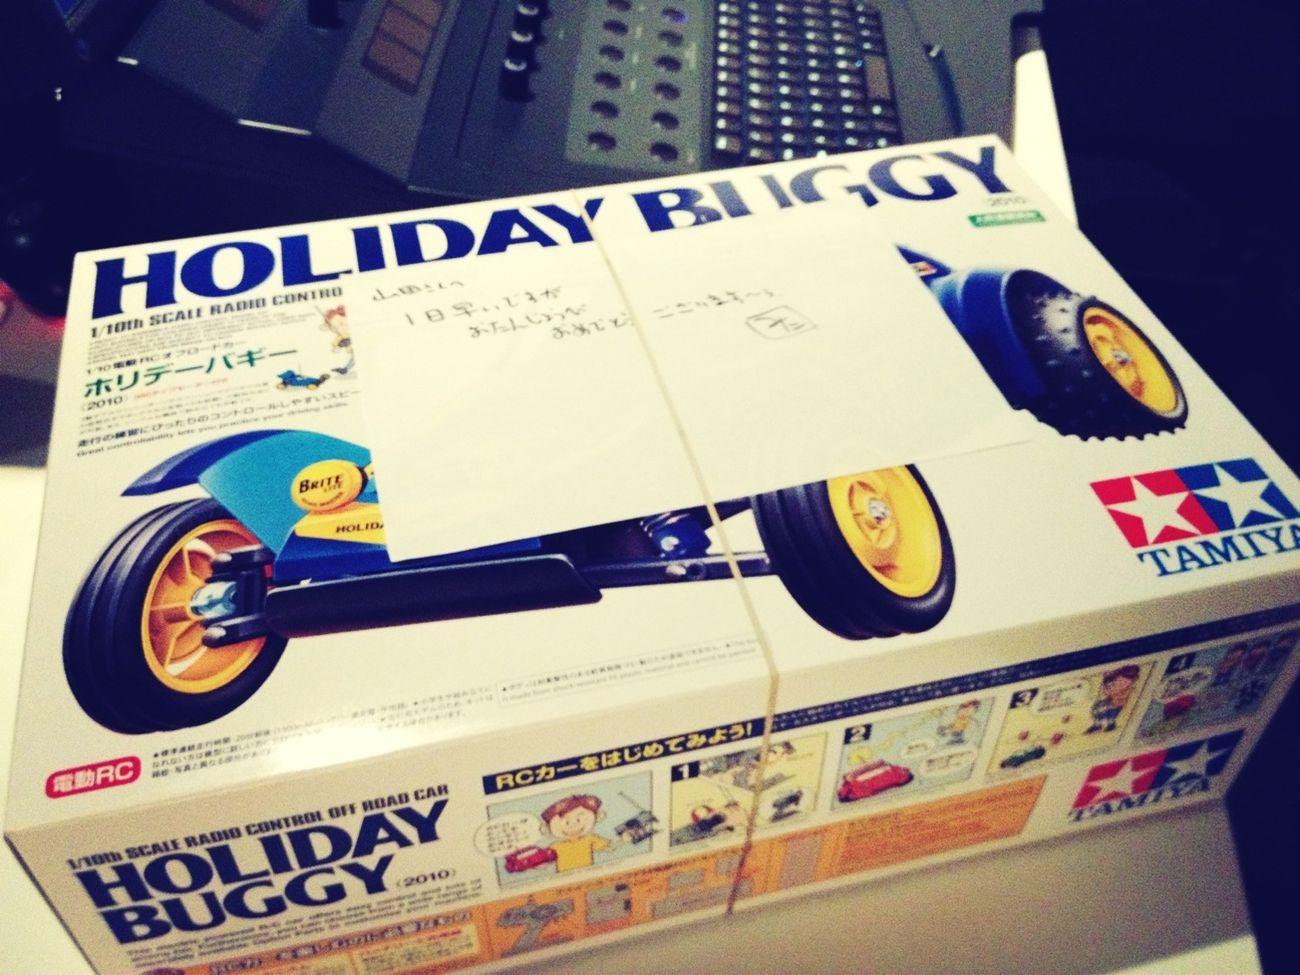 会社に着いたら誕生日プレゼントが届いていました( ^ω^ )